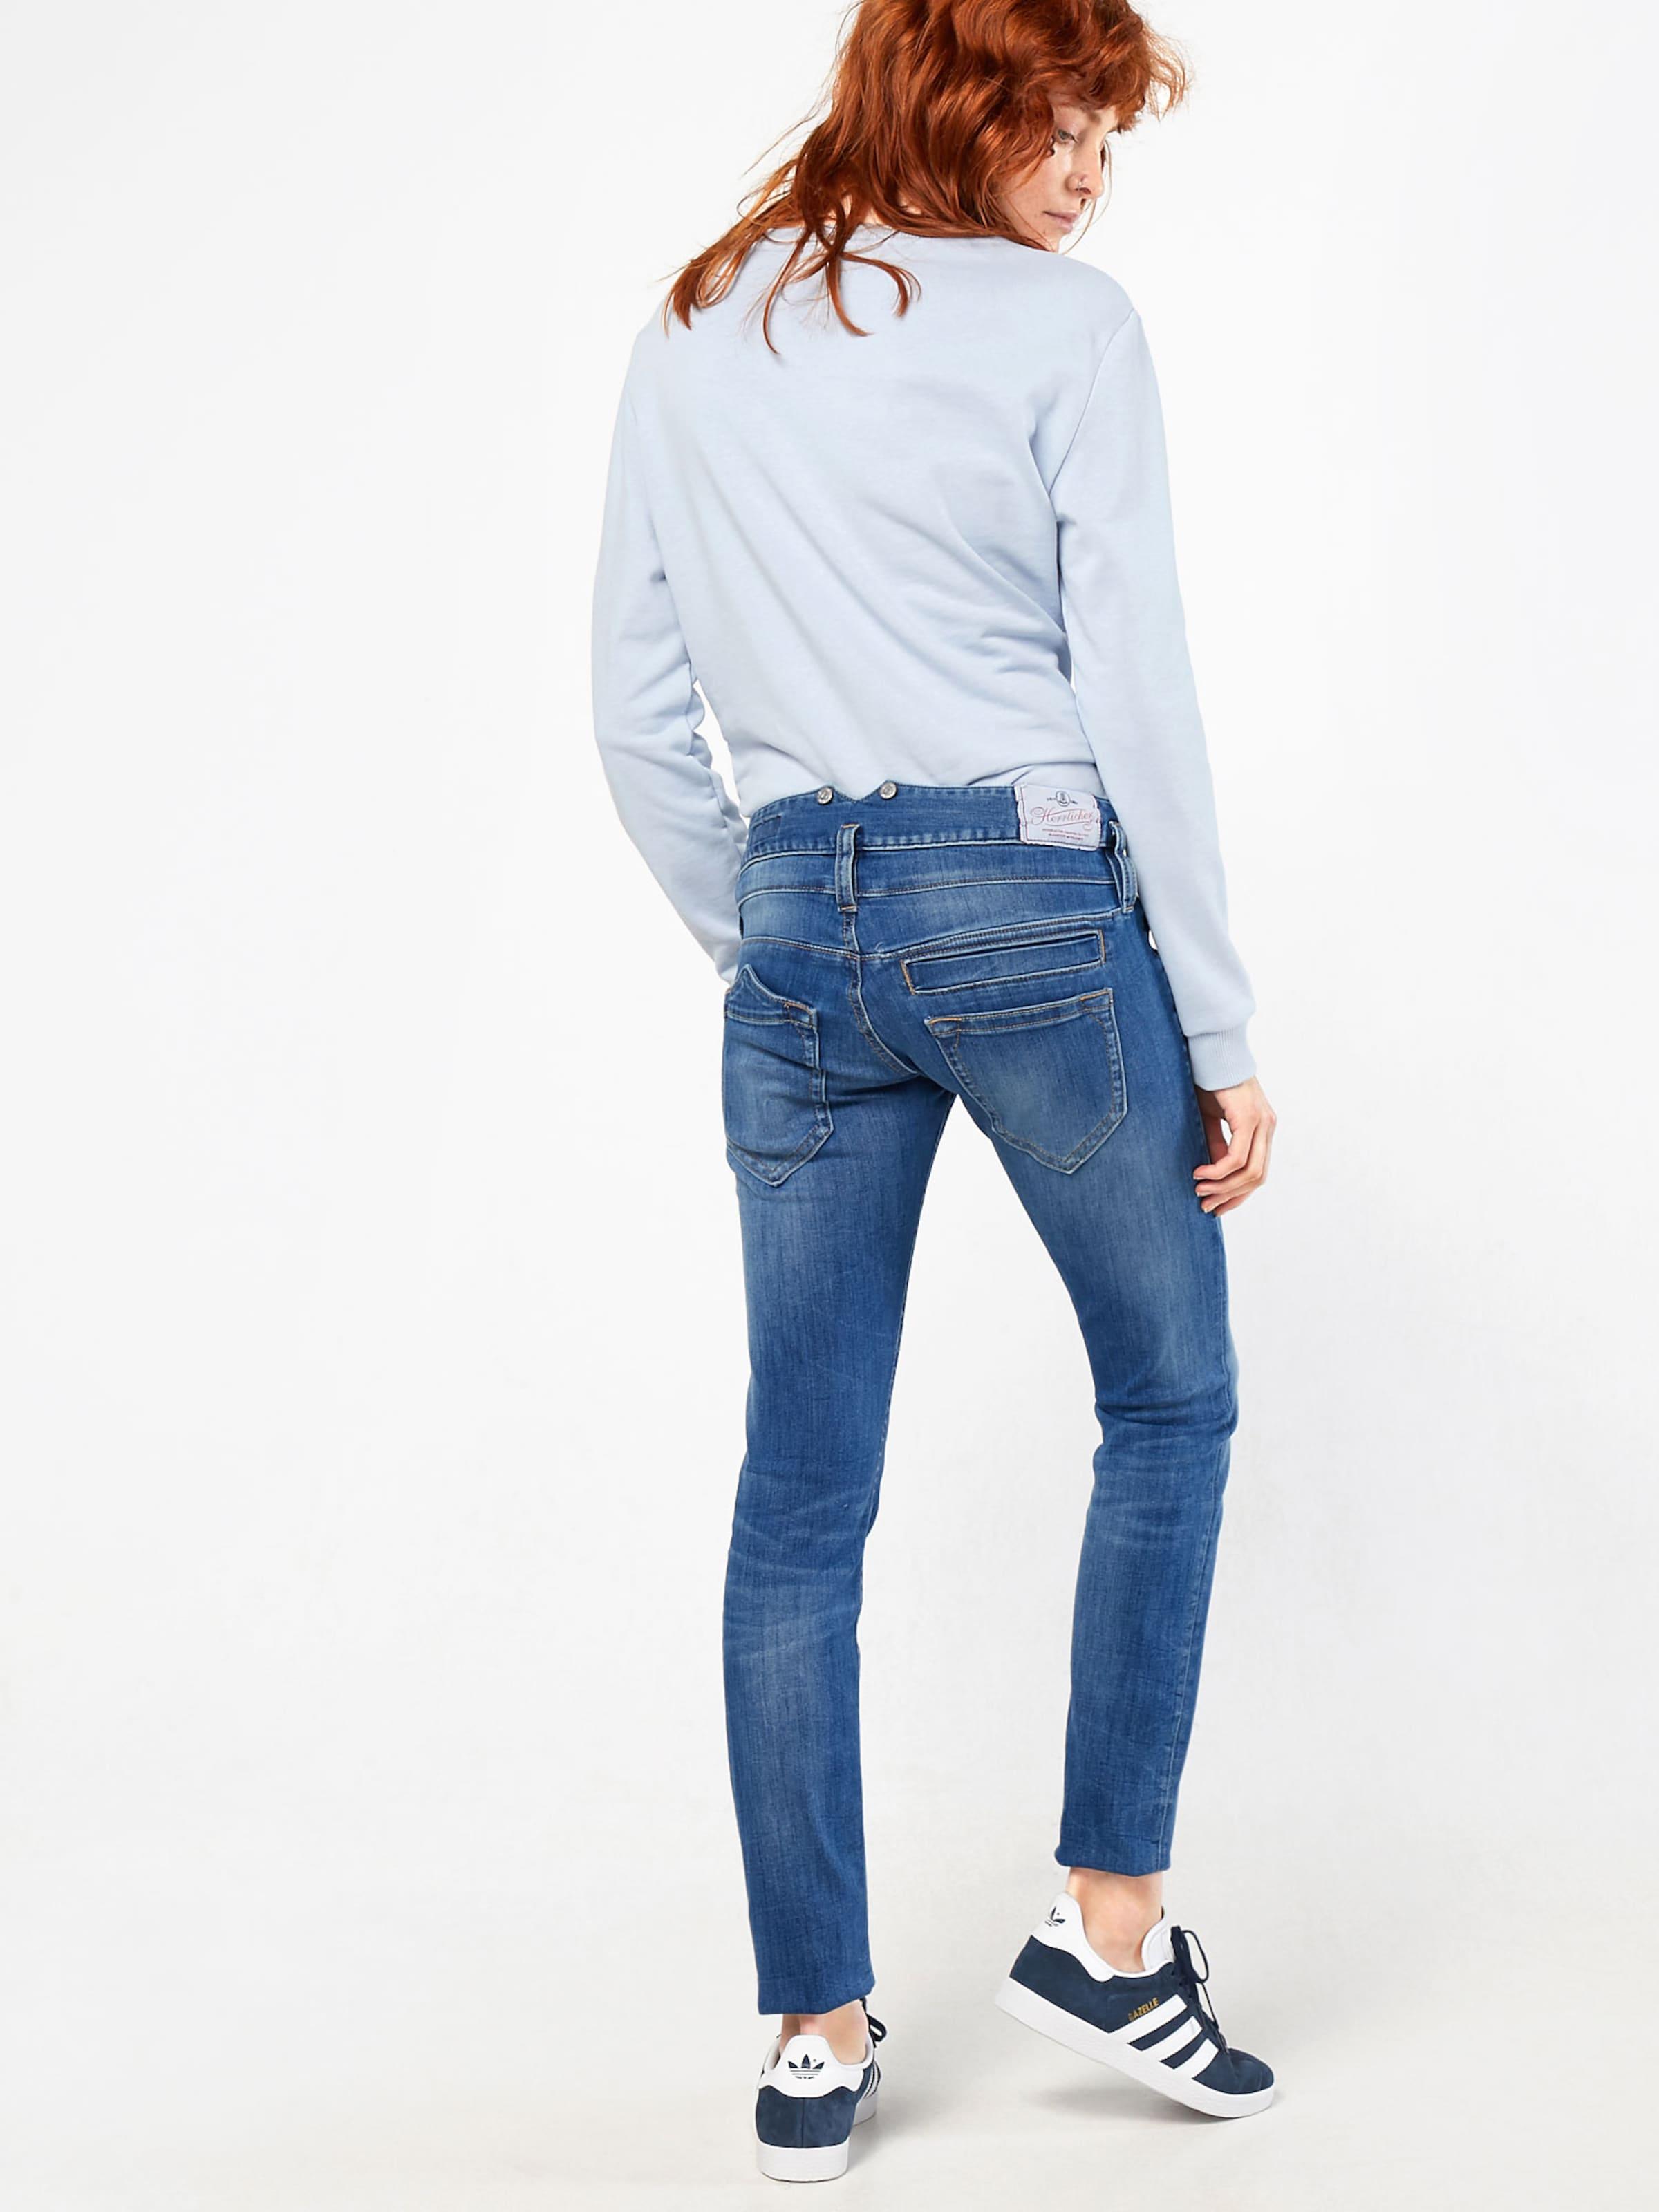 Herrlicher 'Pitch' Slim Fit Jeans Niedriger Preis Günstig Online 0V1wfZ